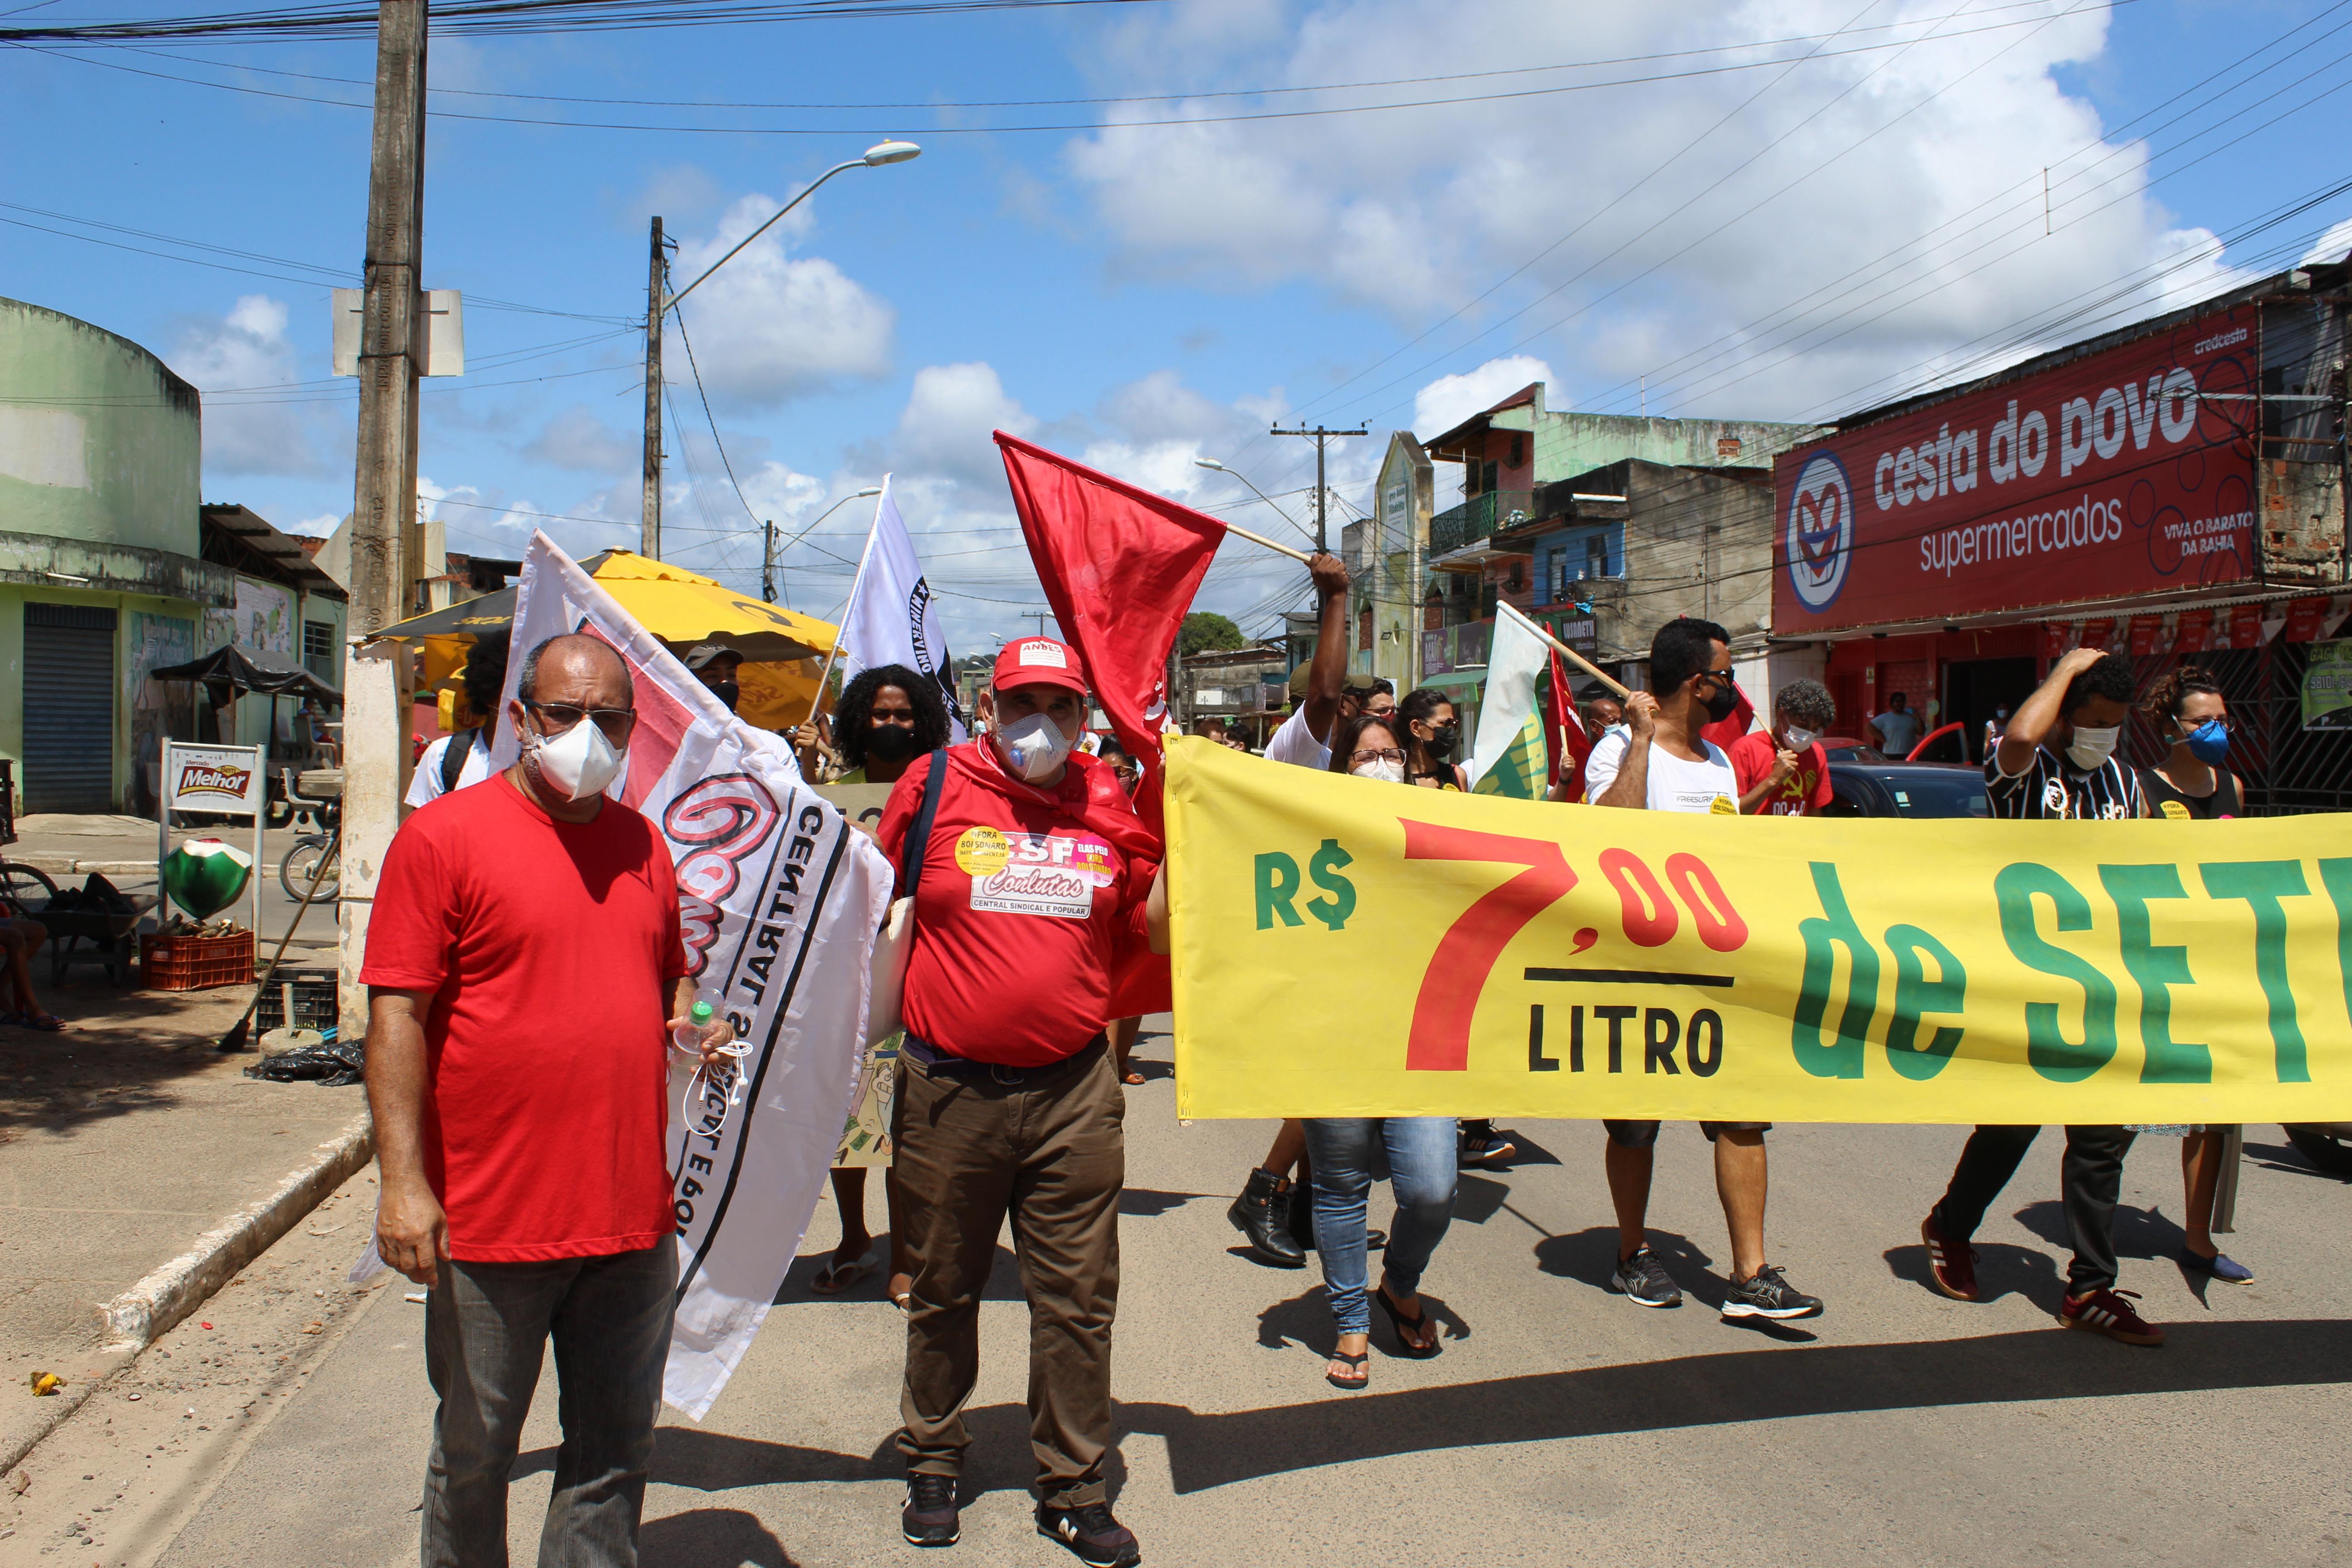 Ilhéus: No 7 de setembro, povo leva o Grito dos Excluídos às ruas